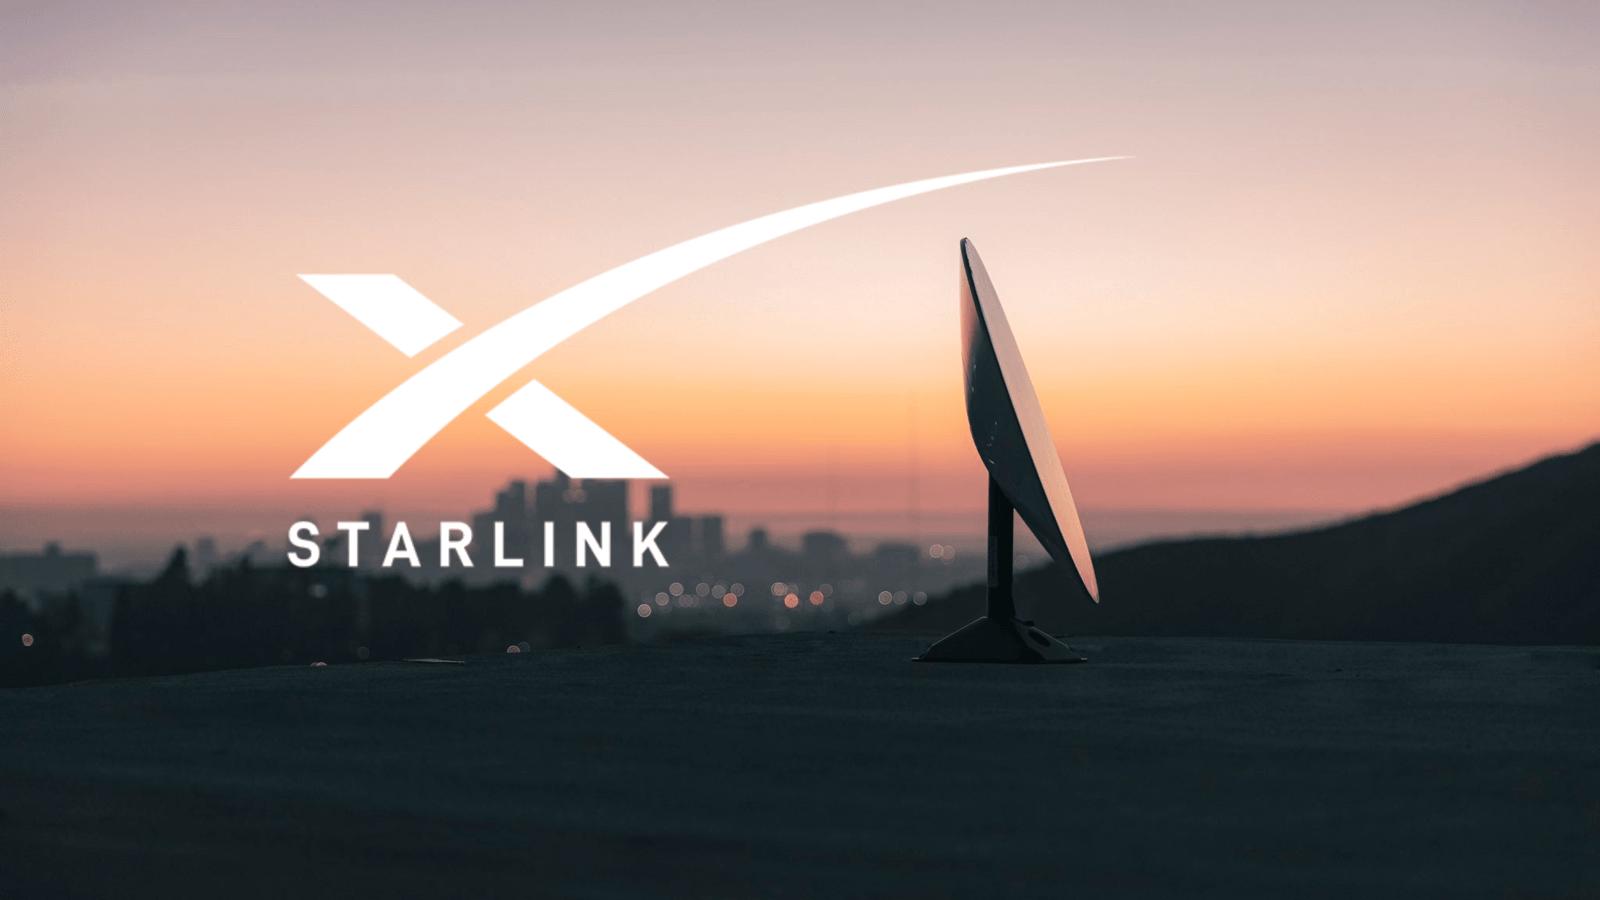 Starlink построит спутниковую станцию в Великобритании